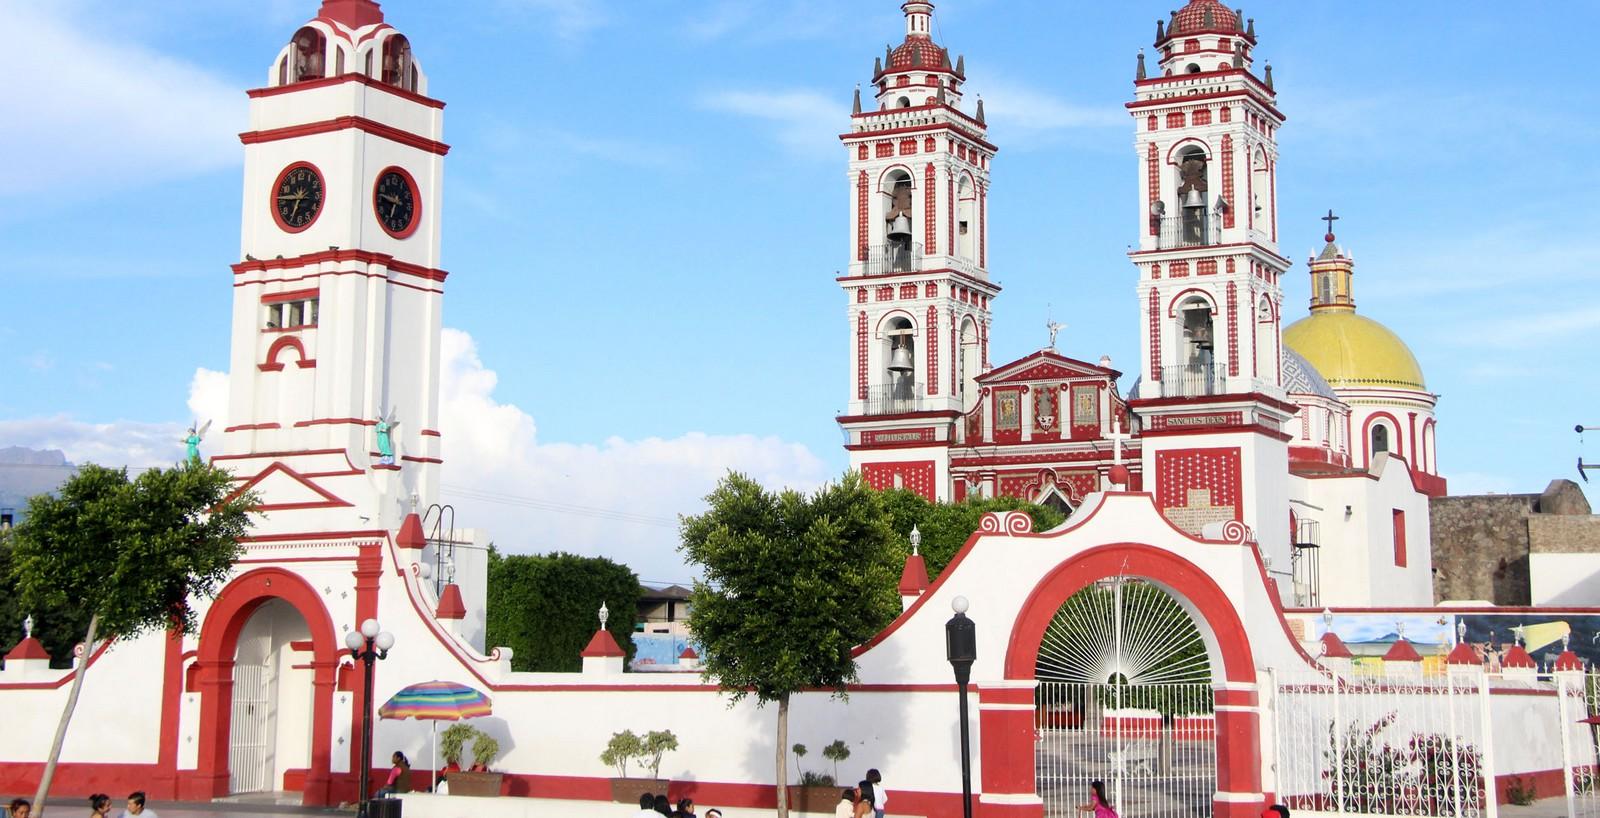 Apariciones del Arcángel Miguel: San Miguel del Milagro de Tlaxcala, México (25 abril, 29 sep, 8 mayo)